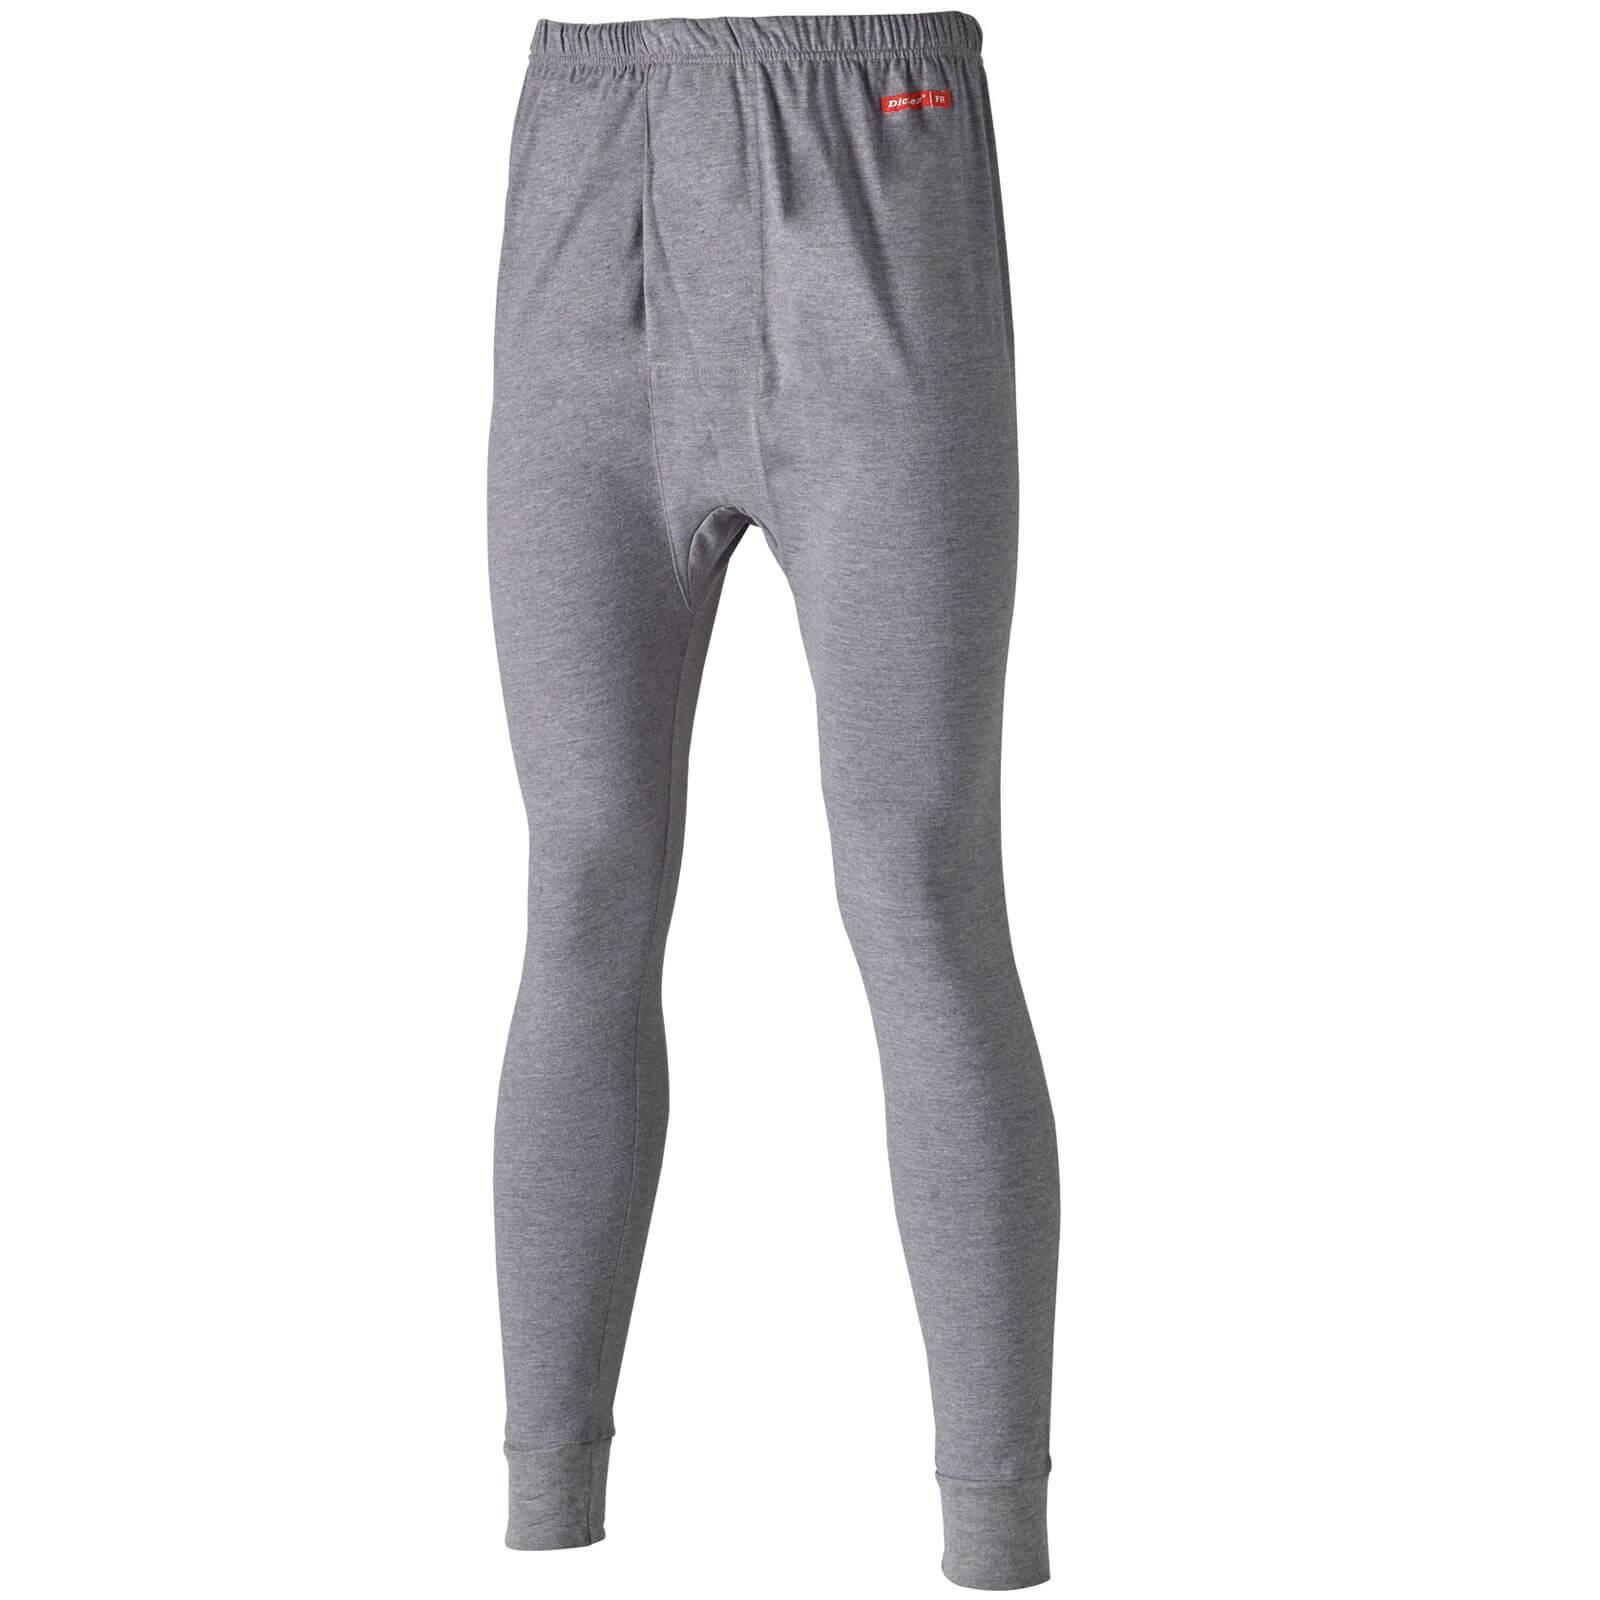 Dickies Mens Modacrylic Long Johns Grey L